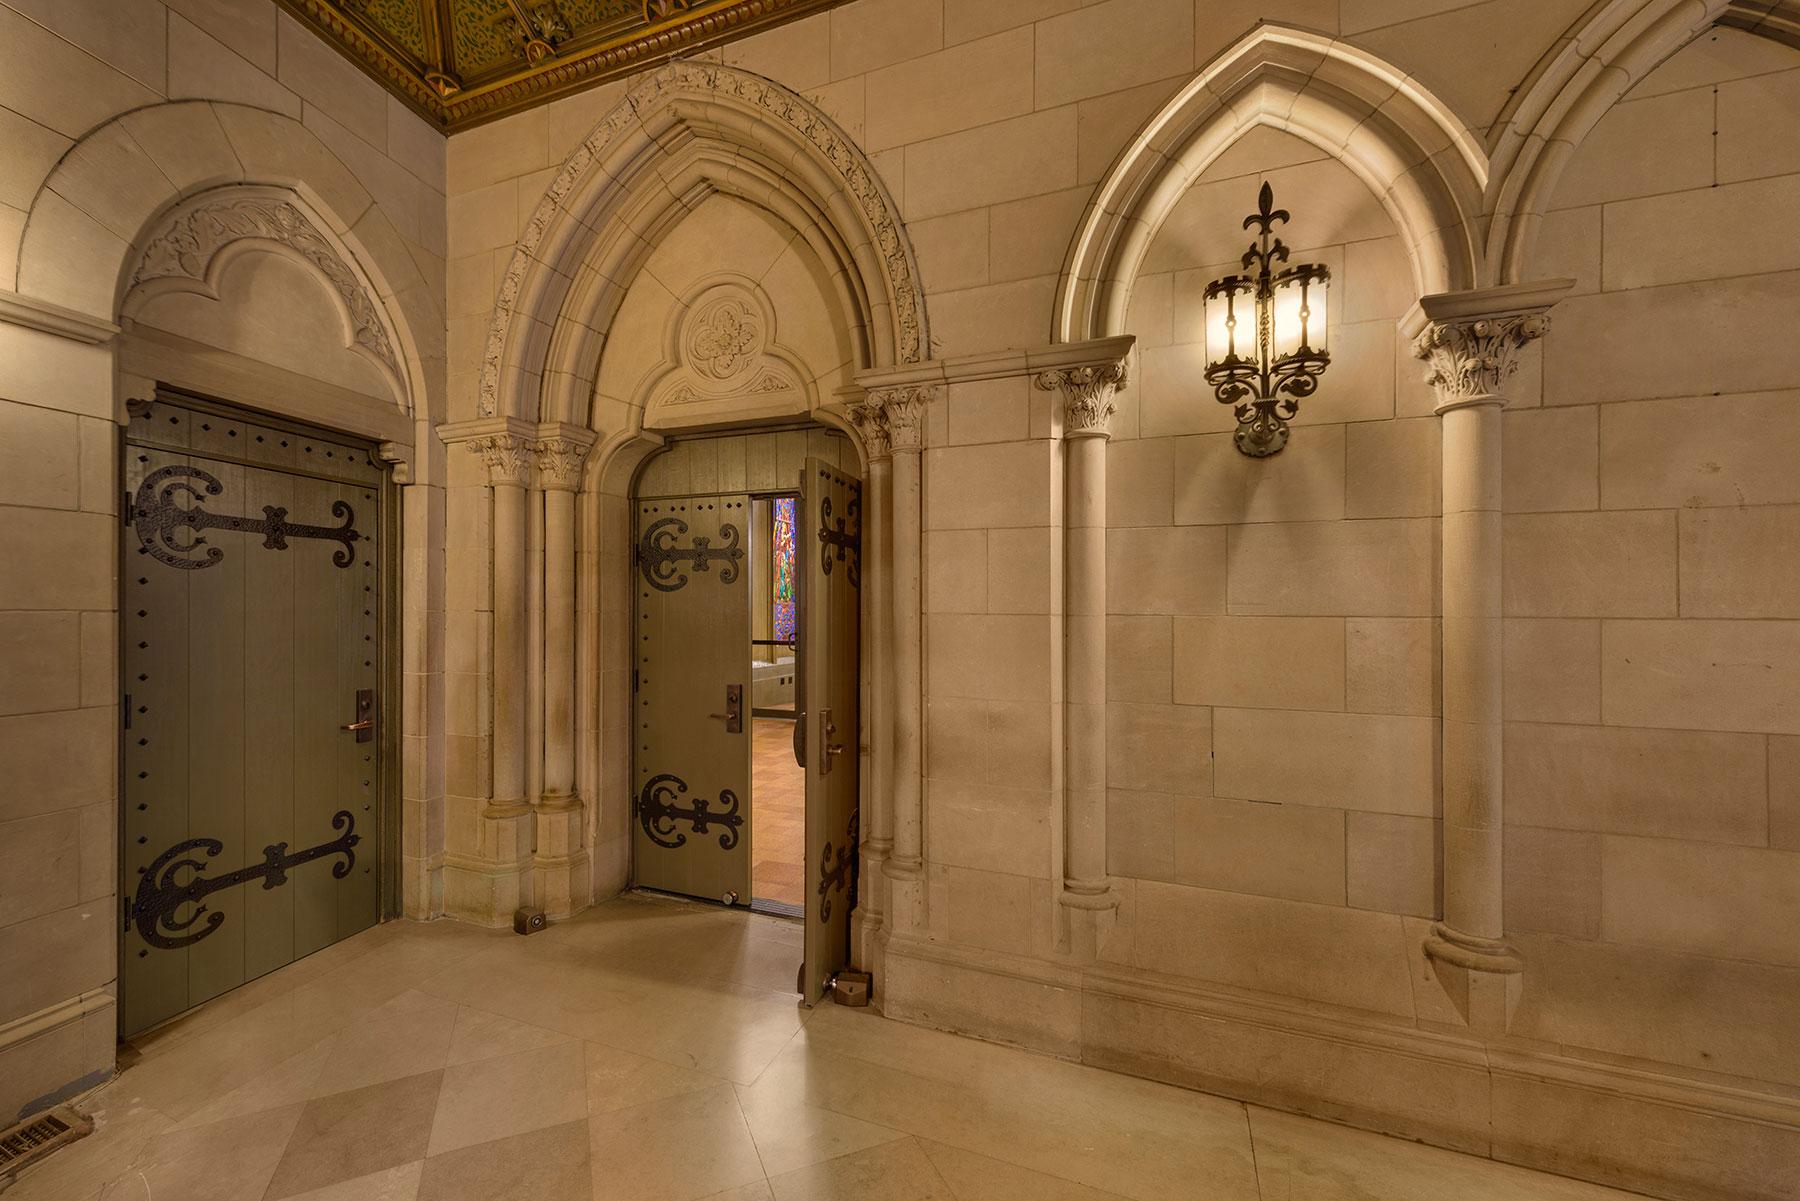 Custom Wood Interior Doors | Historical Renovation Fire Rated Doors - Chicago Church  - Glenview Doors - Custom Doors in Chicago